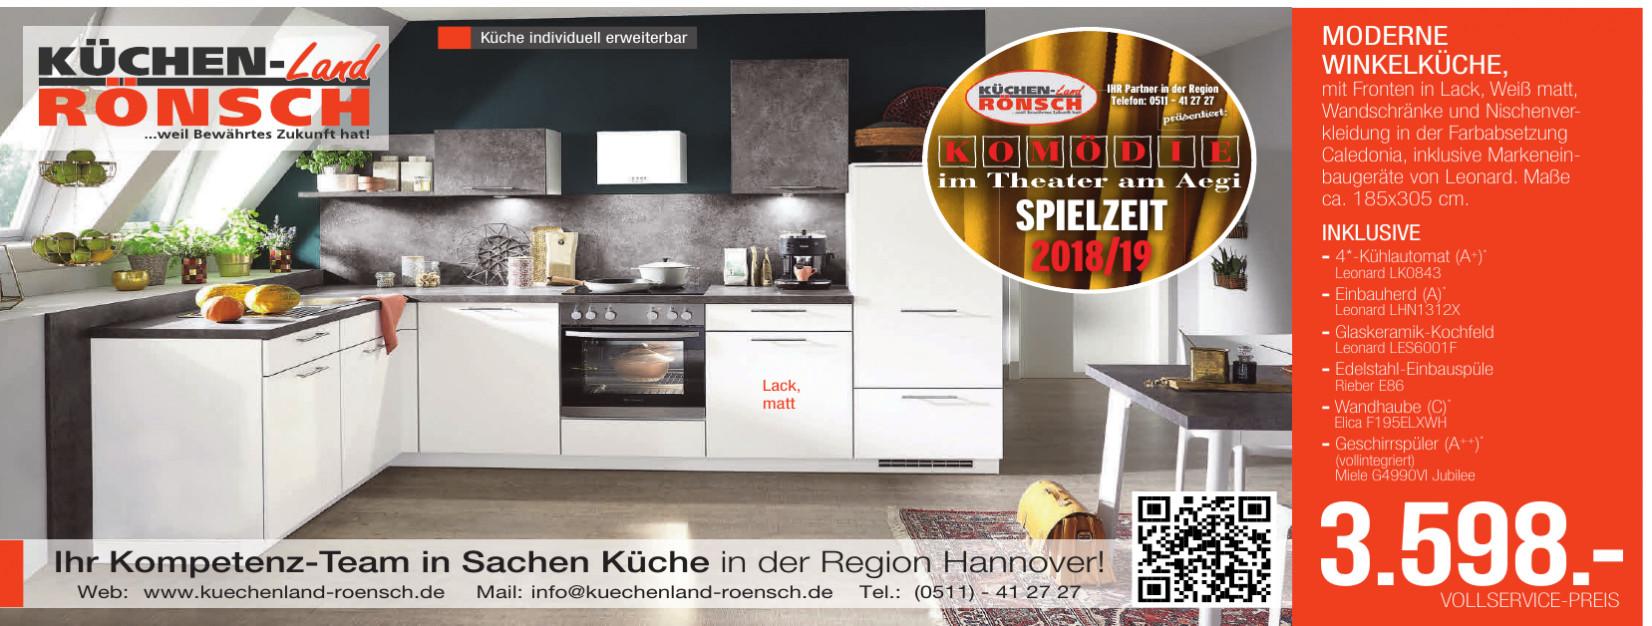 Küchen-Land Rönsch